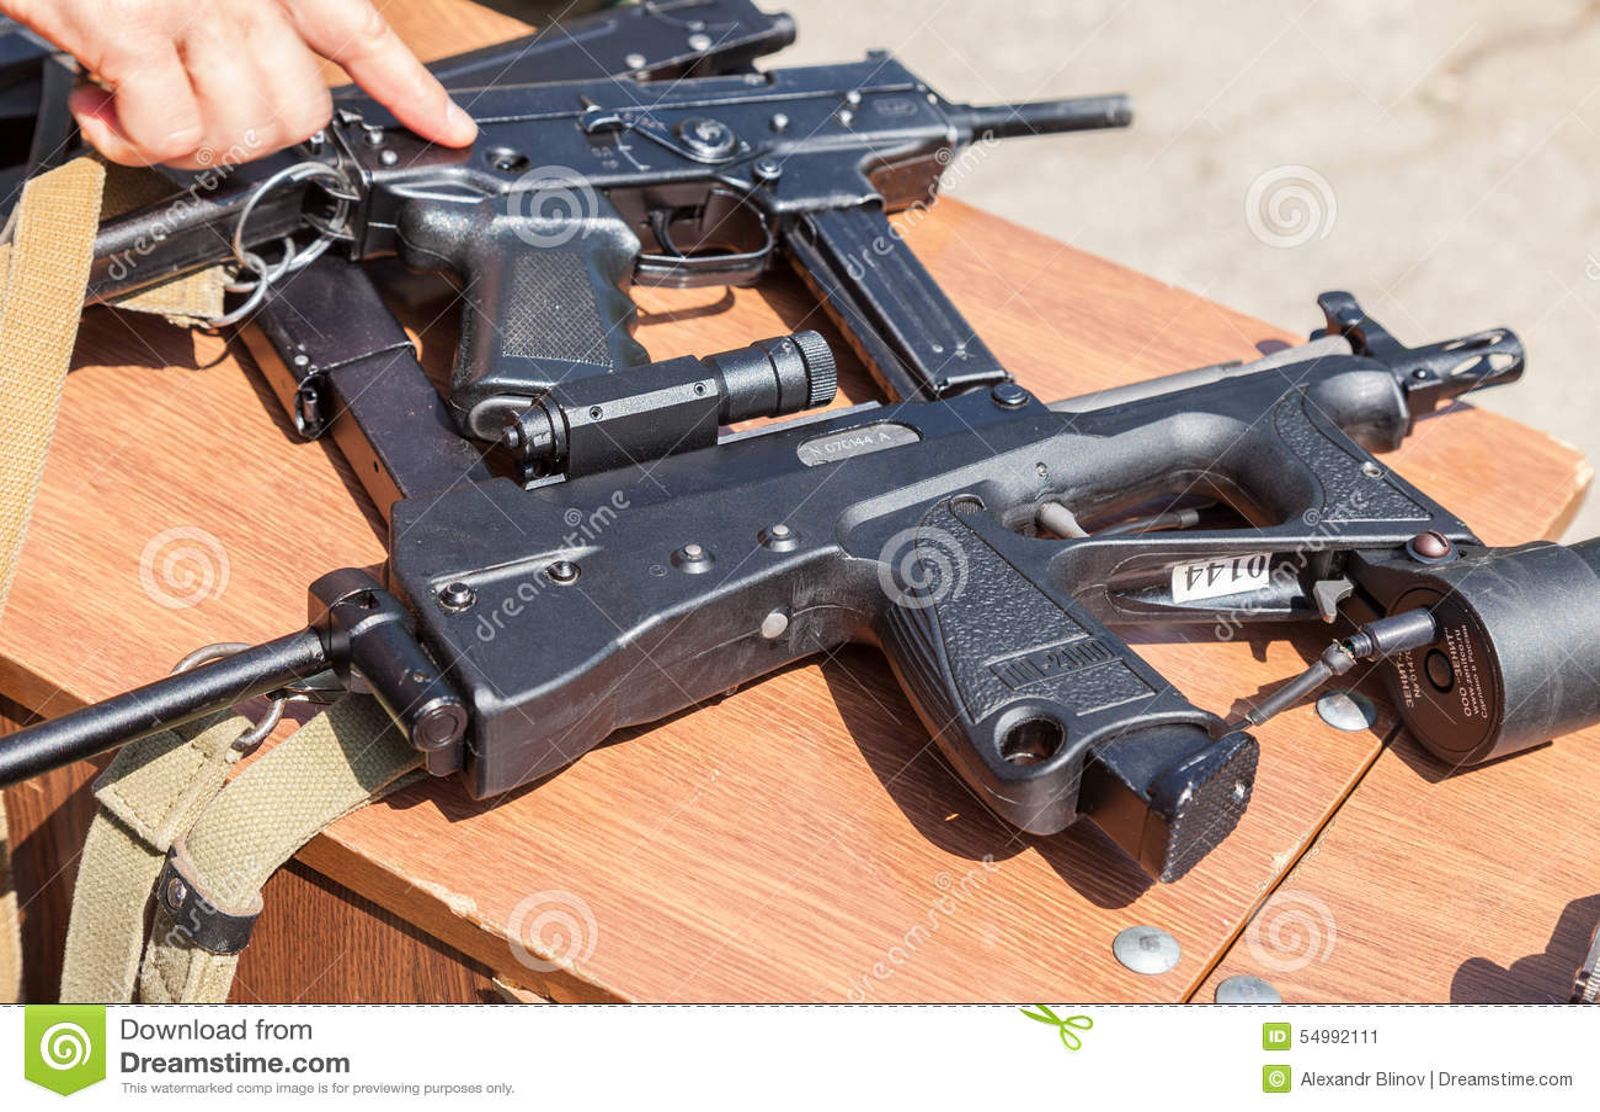 Armas de fuego rusas foto editorial imagen de disparador for Muebles para guardar armas de fuego